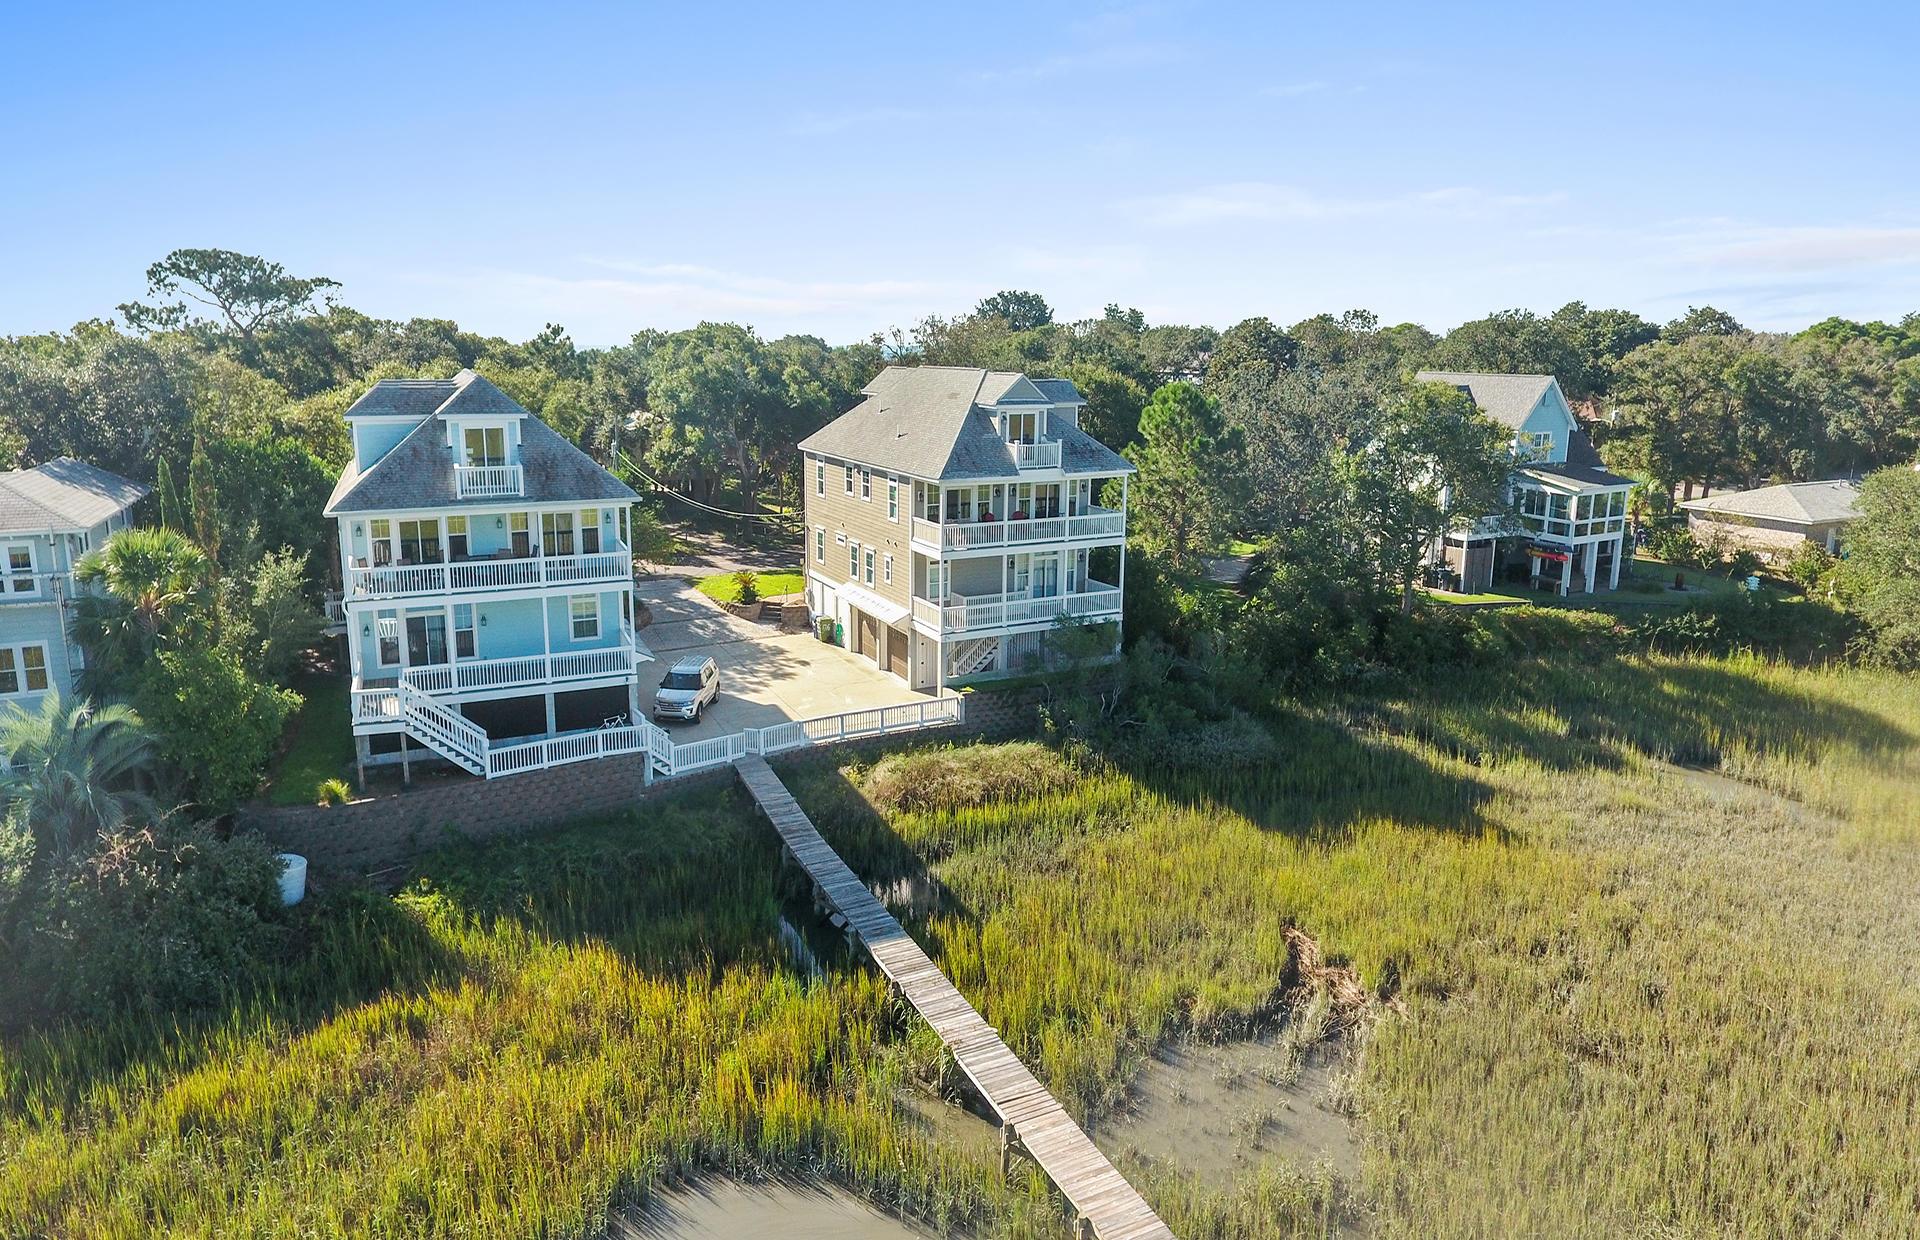 Folly Beach Homes For Sale - 616 Erie, Folly Beach, SC - 13